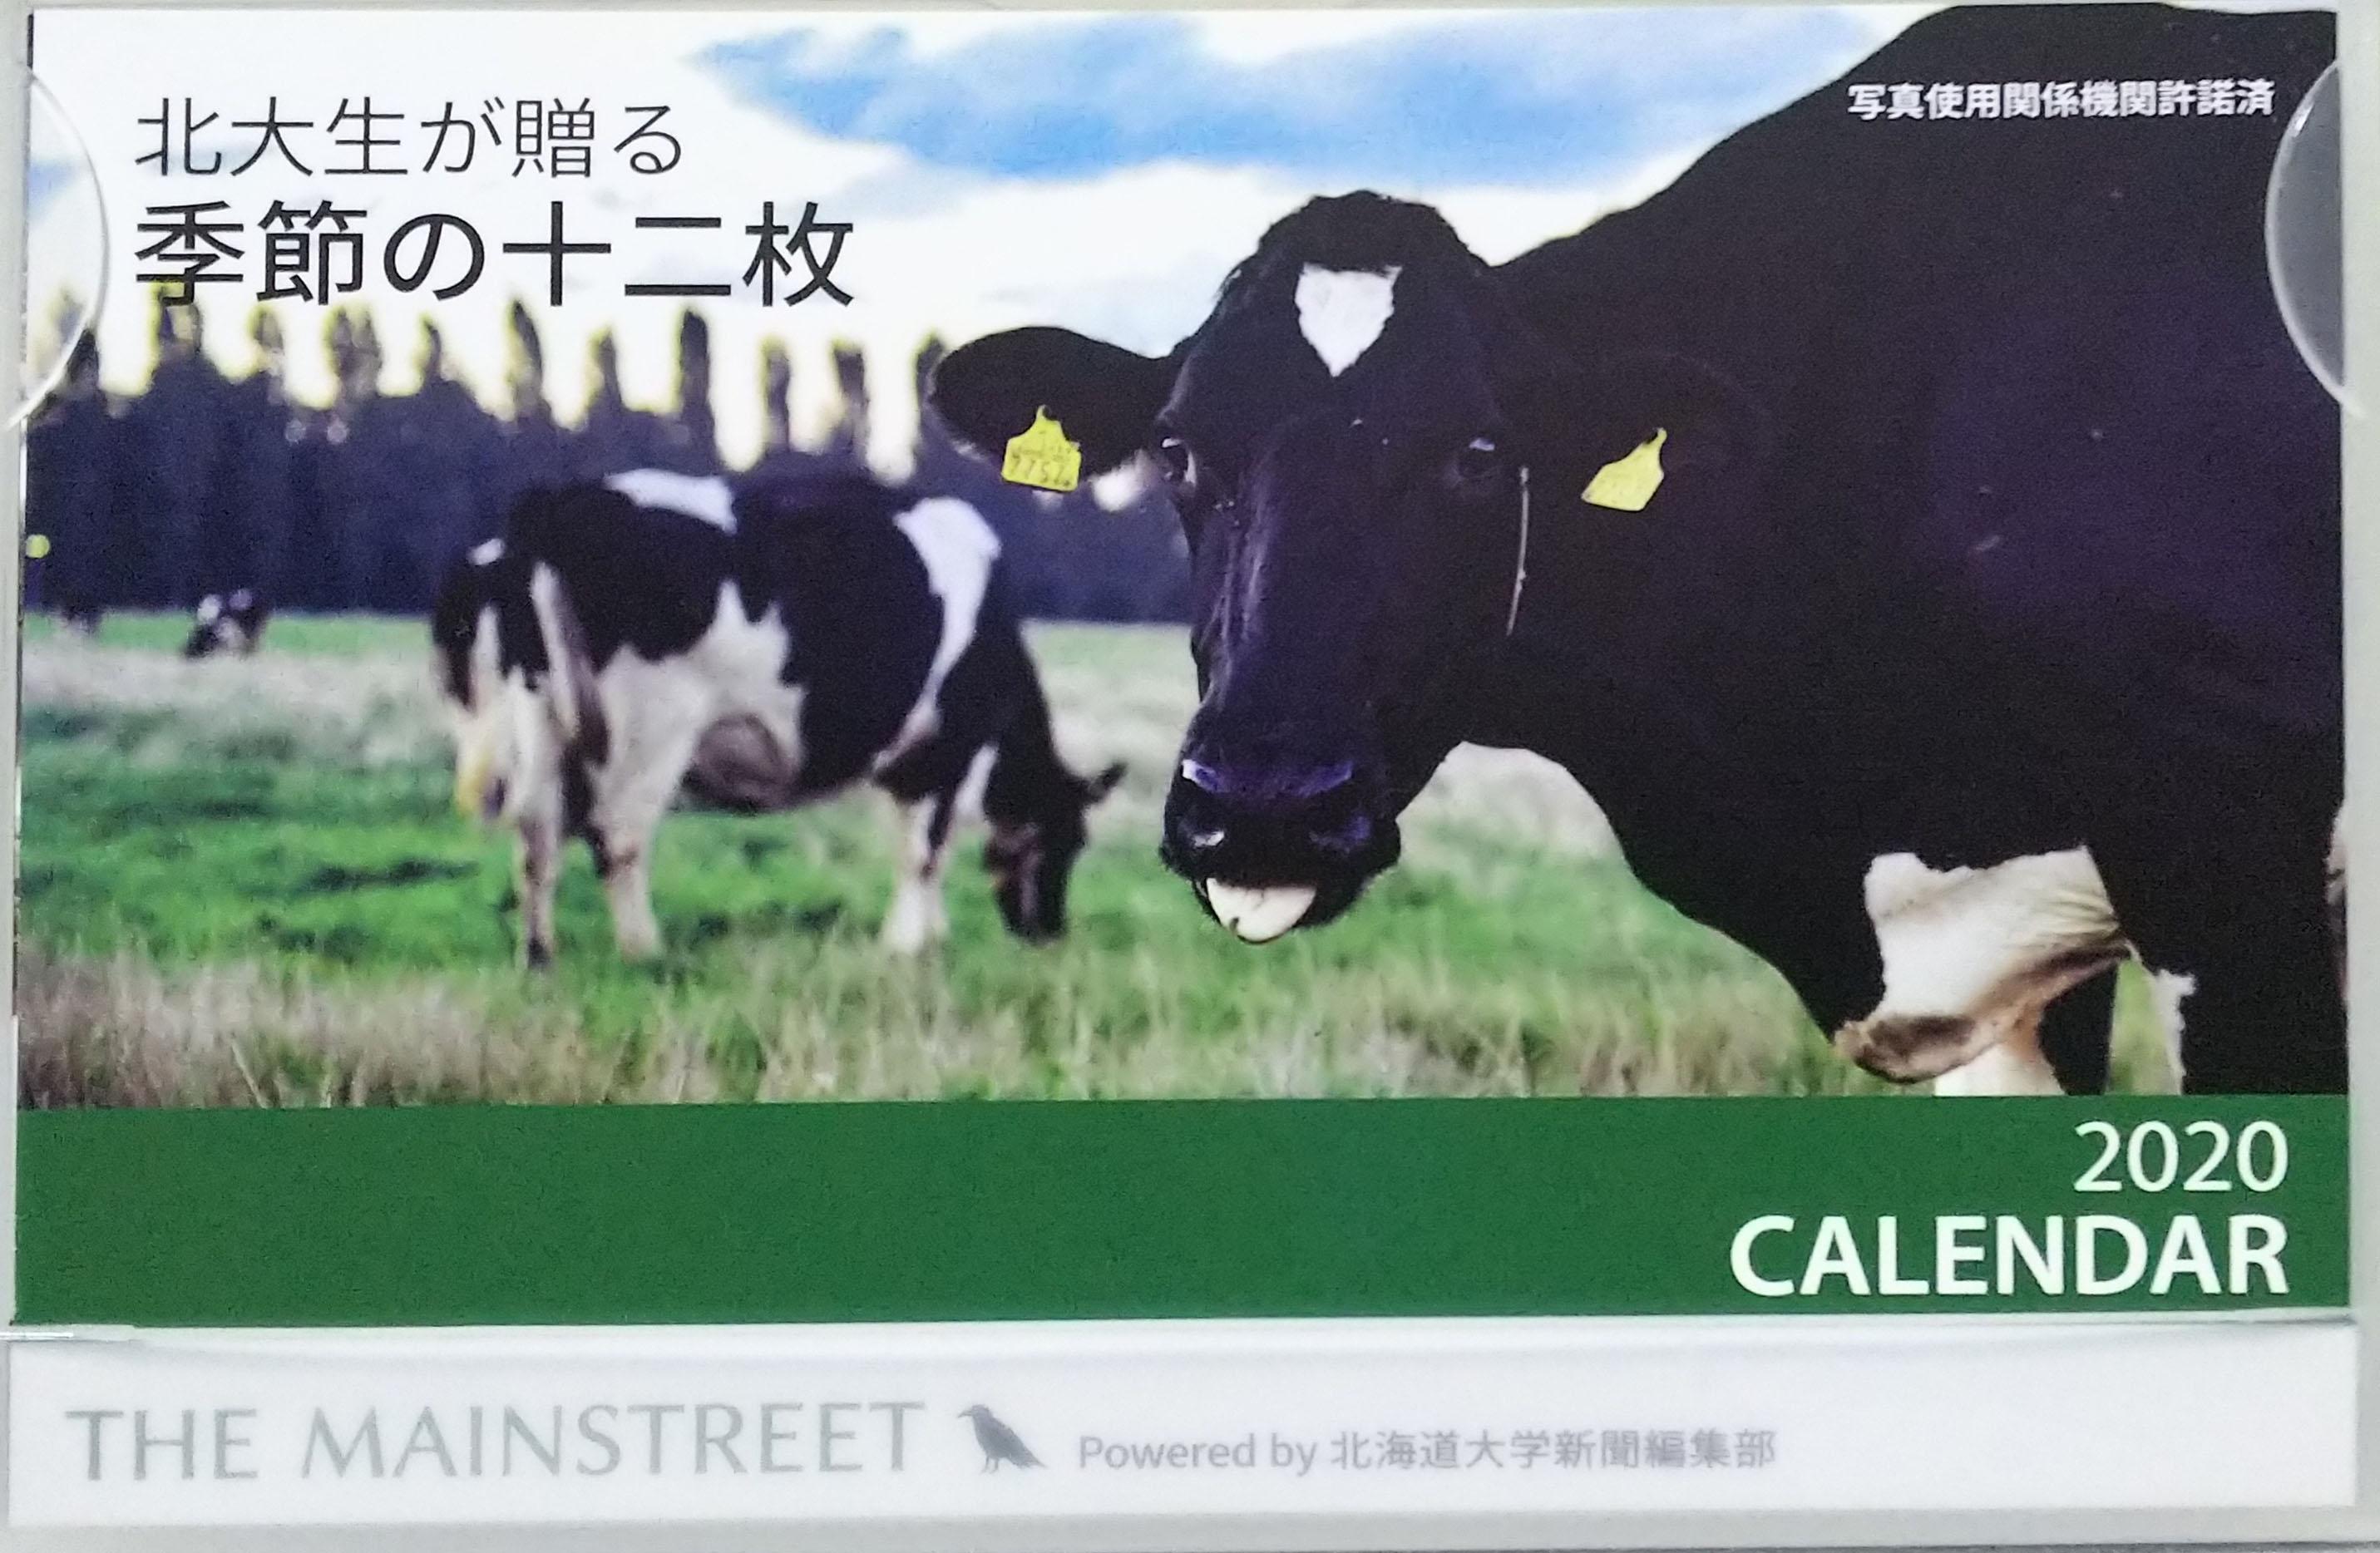 【お知らせ】北大カレンダー、通信販売第3回目の受付開始 3月8日発送分